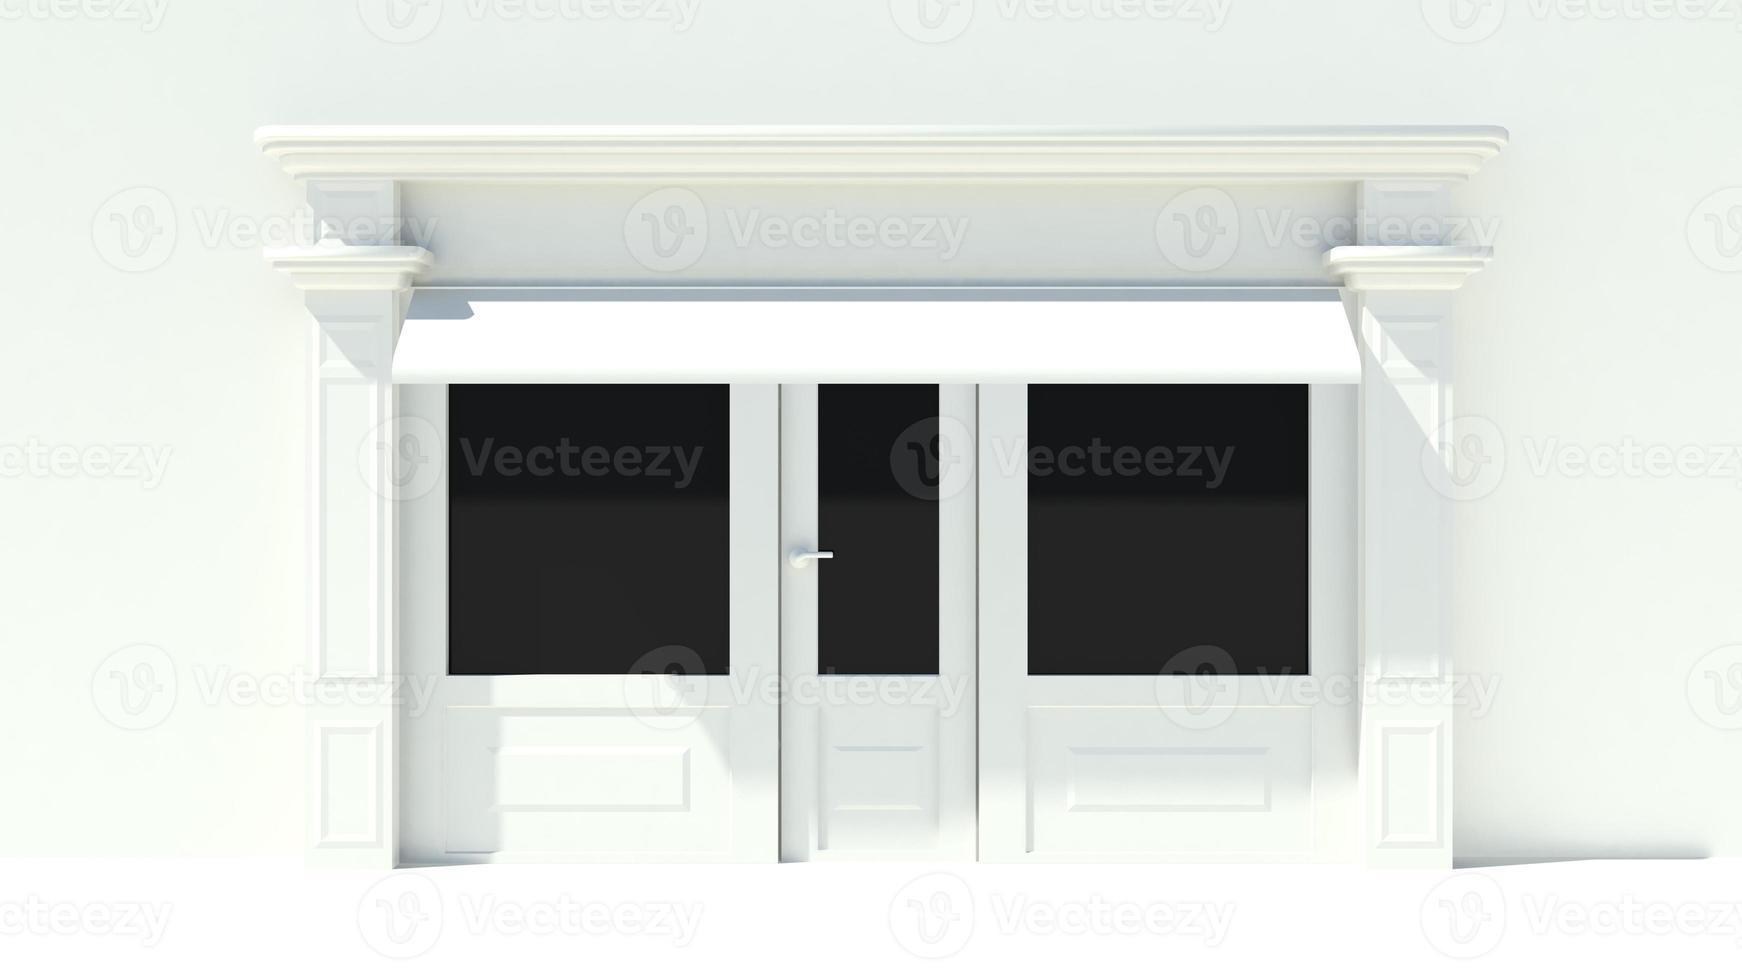 sonnige Ladenfront mit großen Fenstern weiße Ladenfassade mit Markisen foto